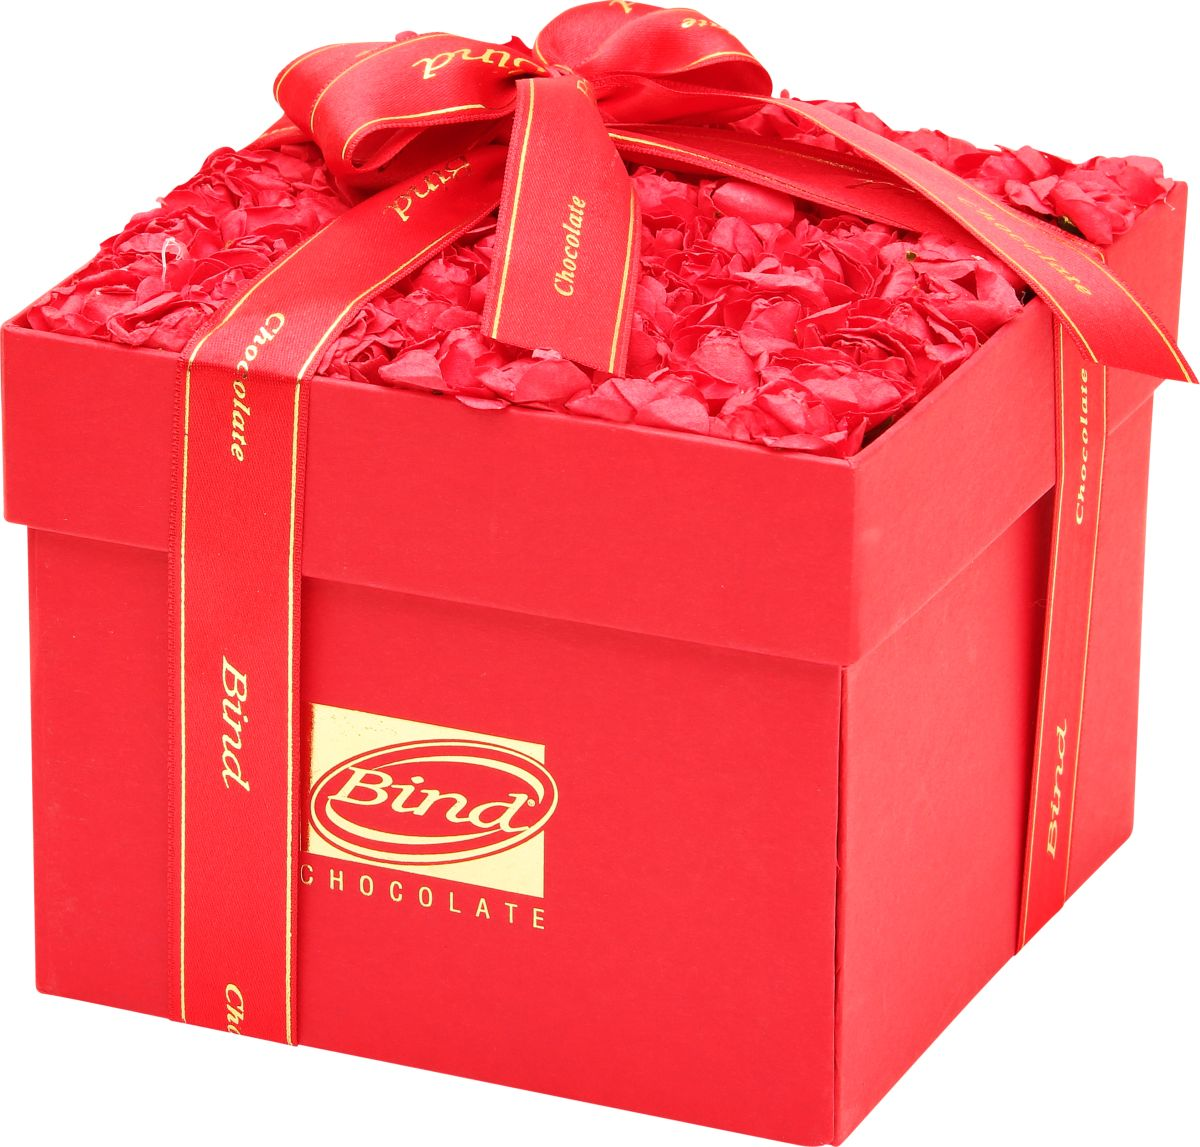 Bind Сюрприз набор шоколадных конфет, 360 гPCK-6116Bind Chocolate - это 100% натуральная продукция ручной работы премиум класса. В составе шоколадных изделий Bind Chocolate - только качественные, натуральные дорогие ингредиенты.